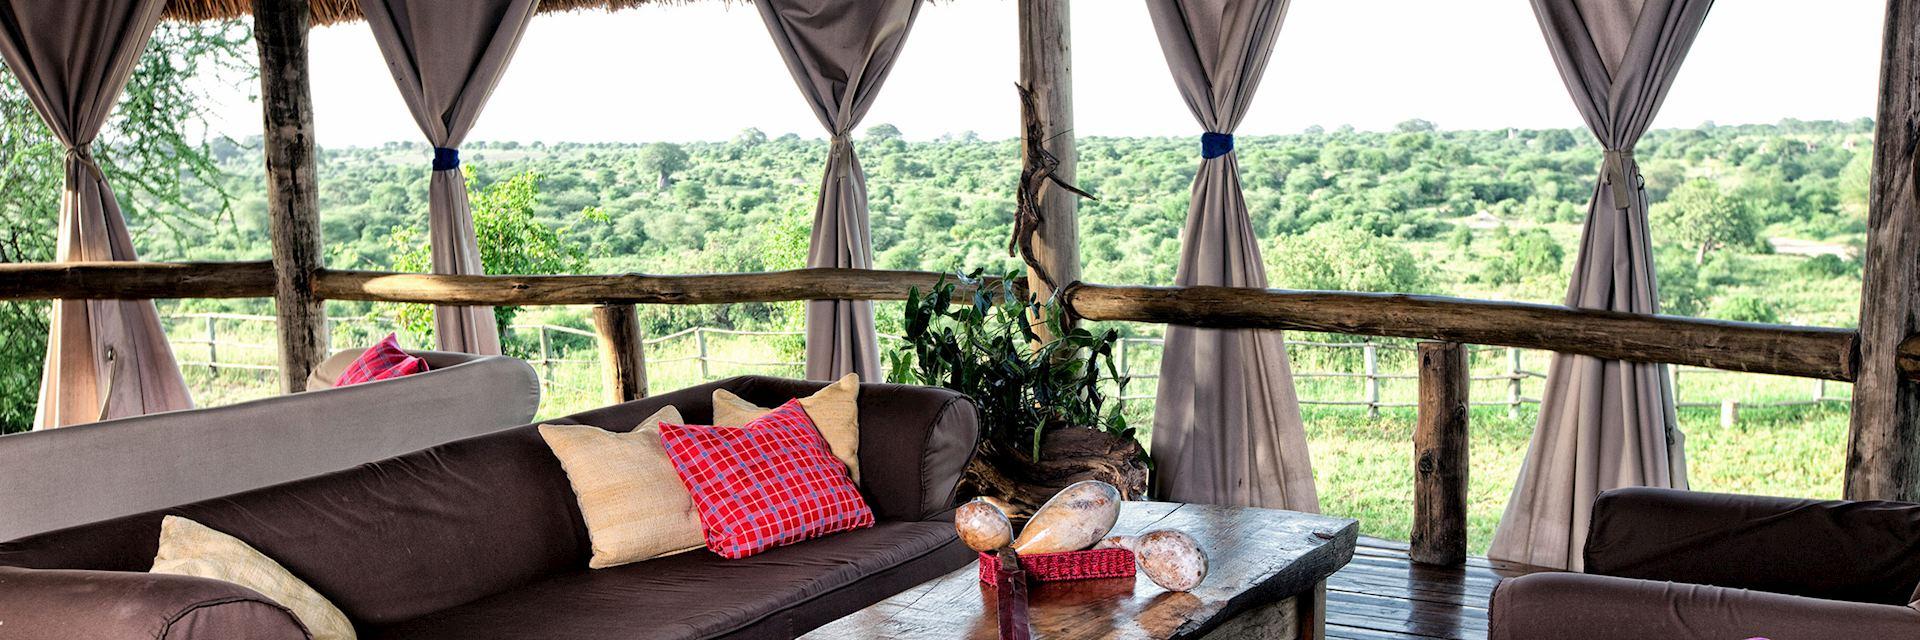 Tarangire River Camp, Tanzania